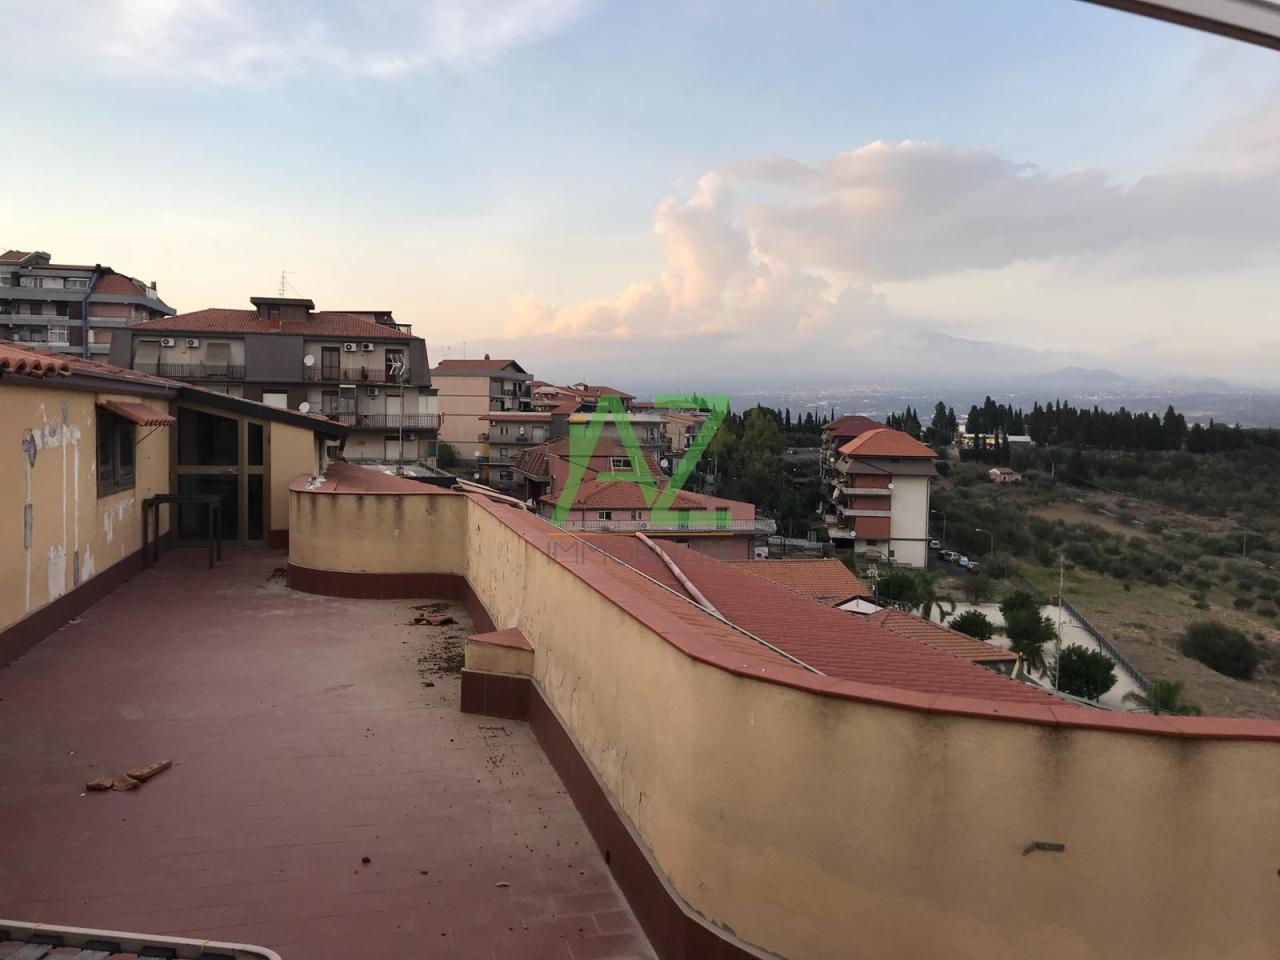 Appartamento in vendita a Motta Sant'Anastasia, 4 locali, prezzo € 70.000 | PortaleAgenzieImmobiliari.it